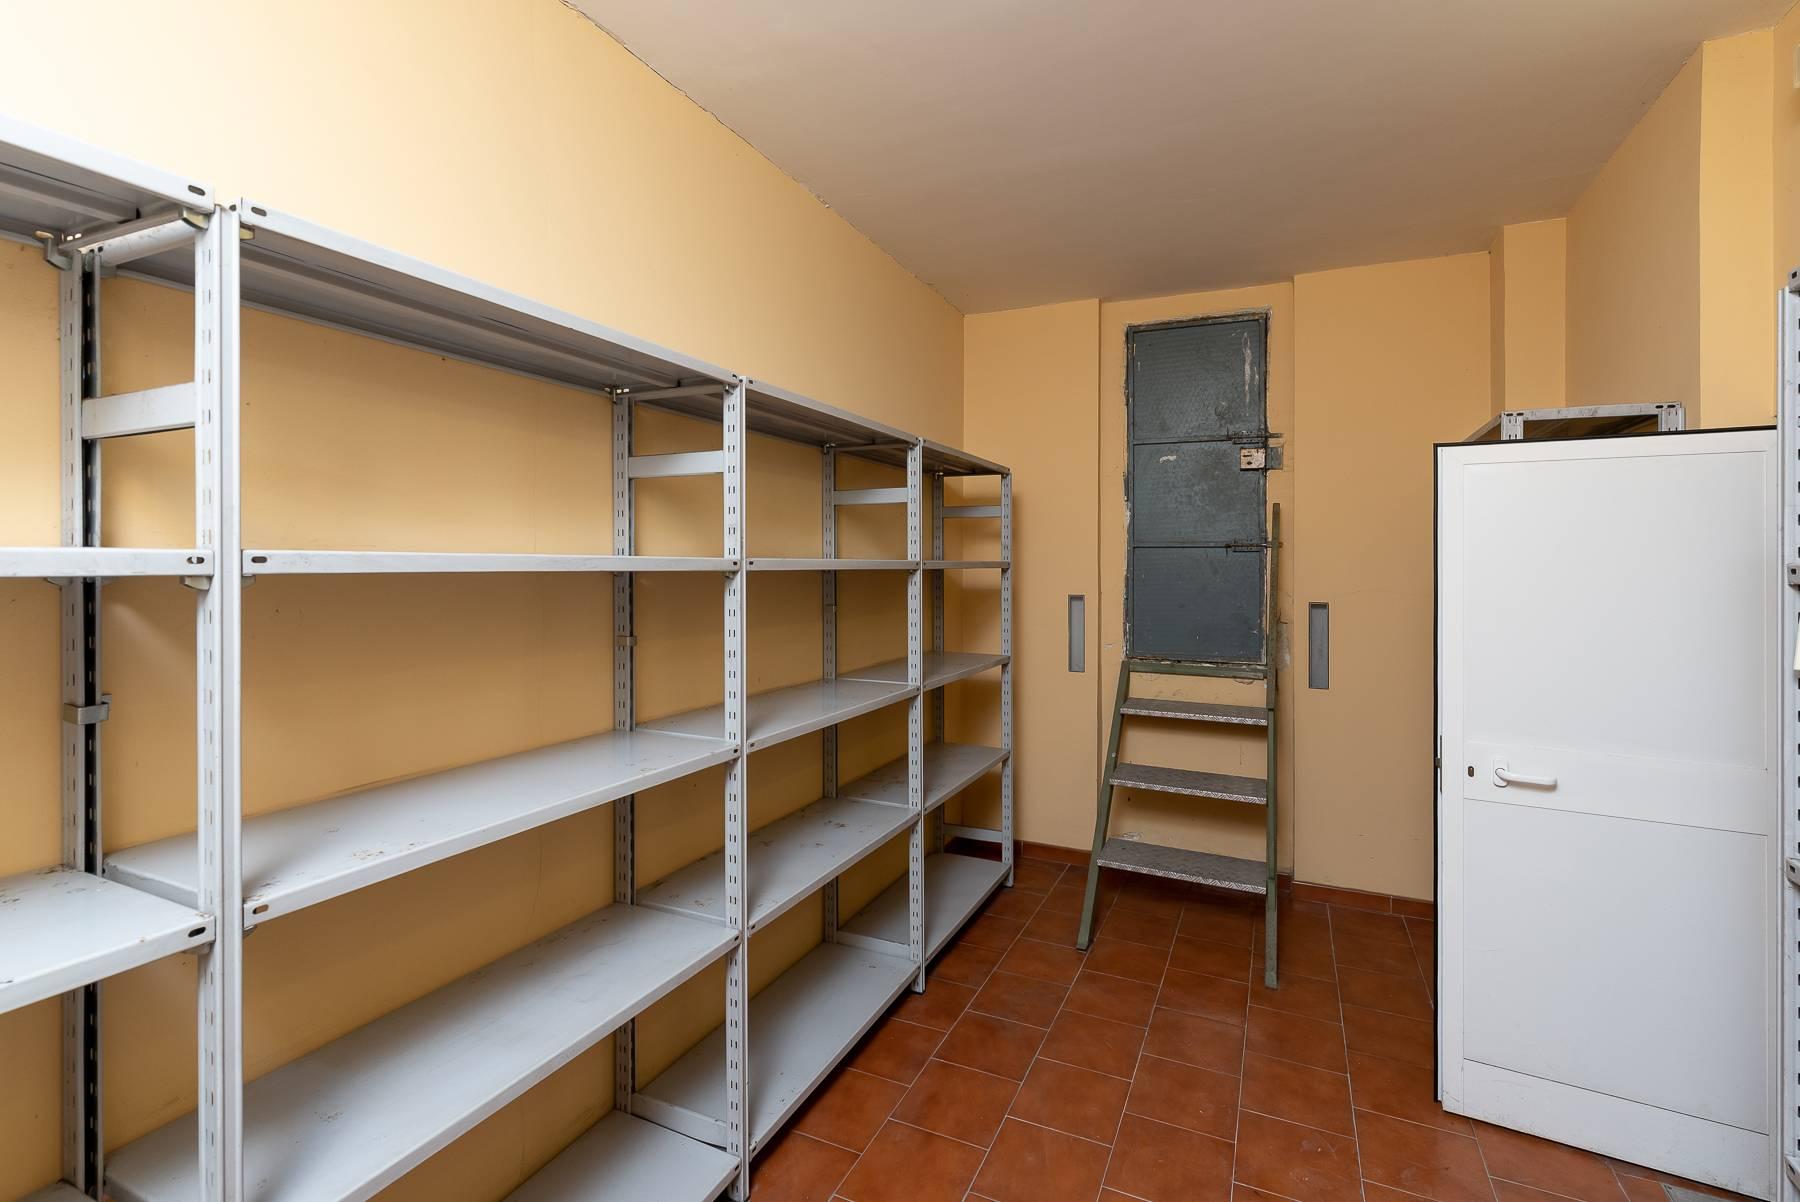 Ufficio-studio in Vendita a Roma: 5 locali, 322 mq - Foto 16